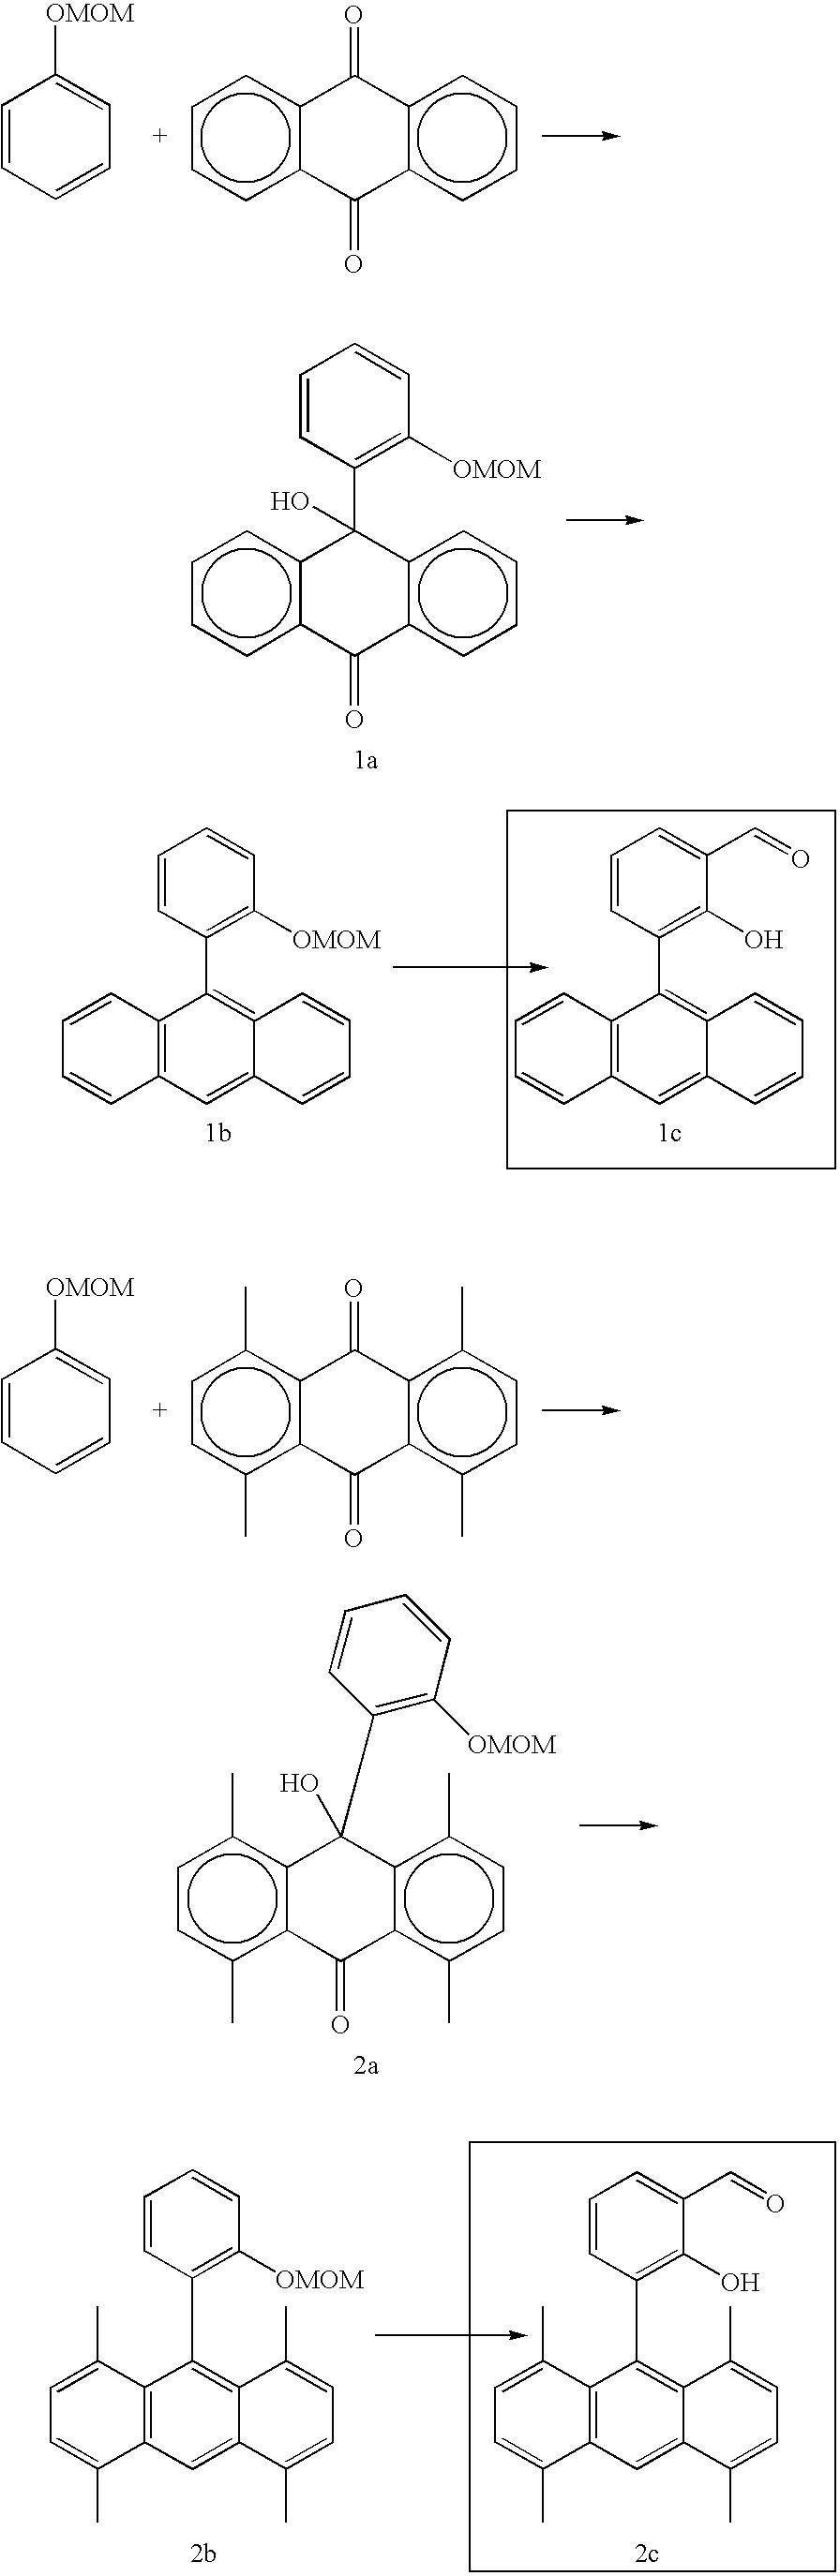 Figure US20050227860A1-20051013-C00019